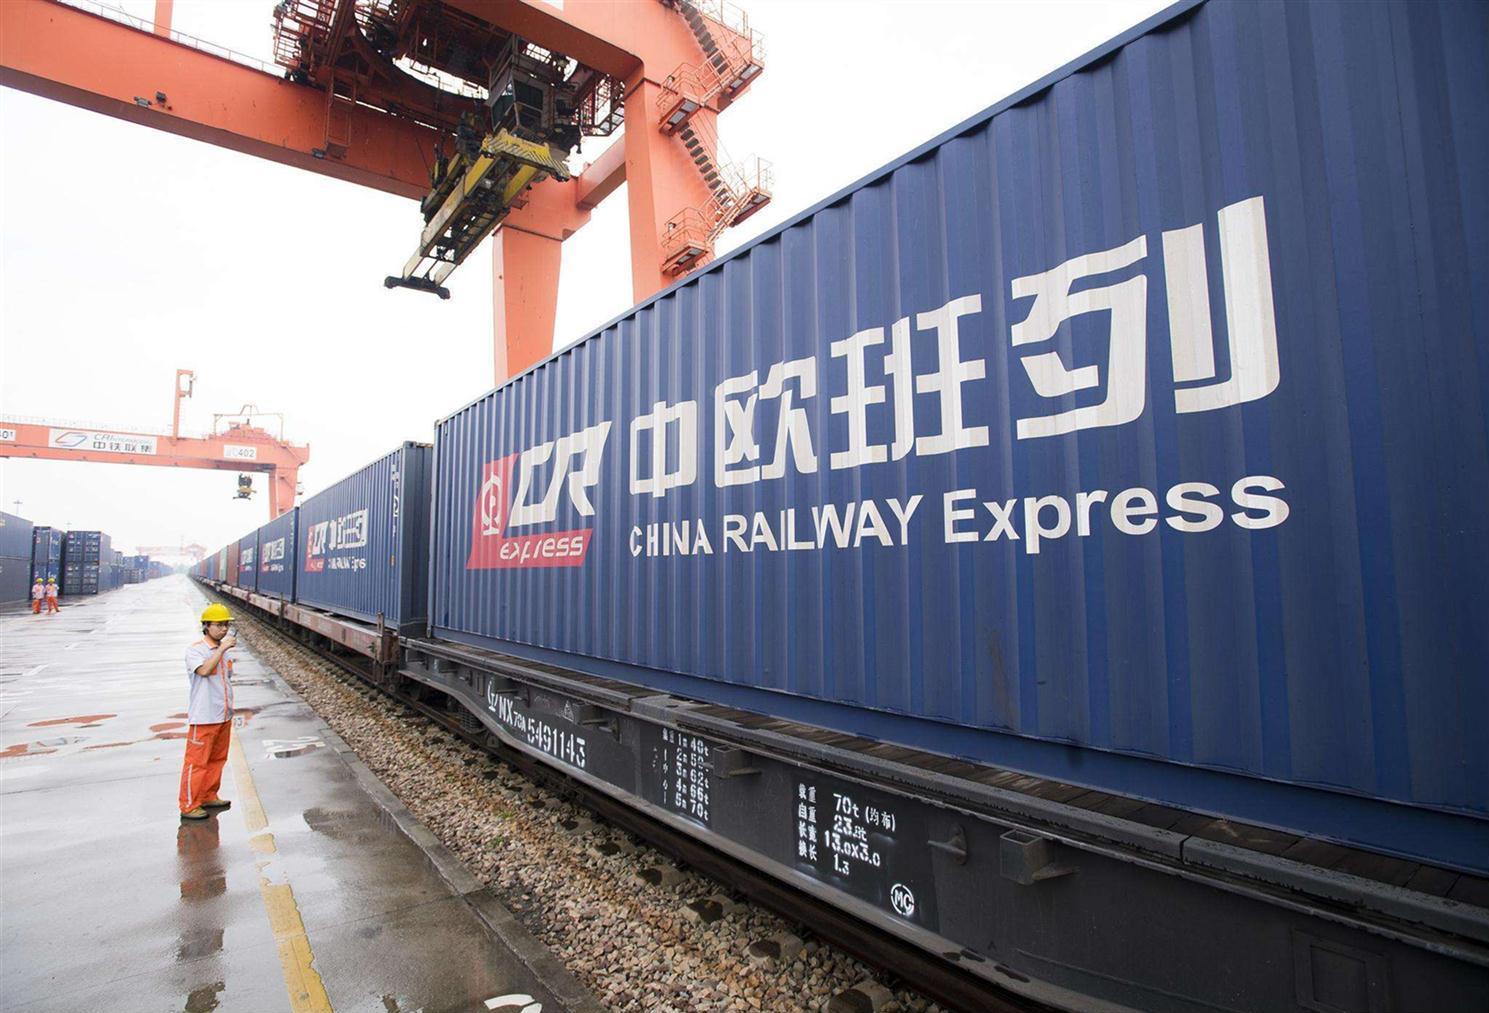 В мае 2020 г. железнодорожный трафик Китай-Европа вырос на 25,6% 1